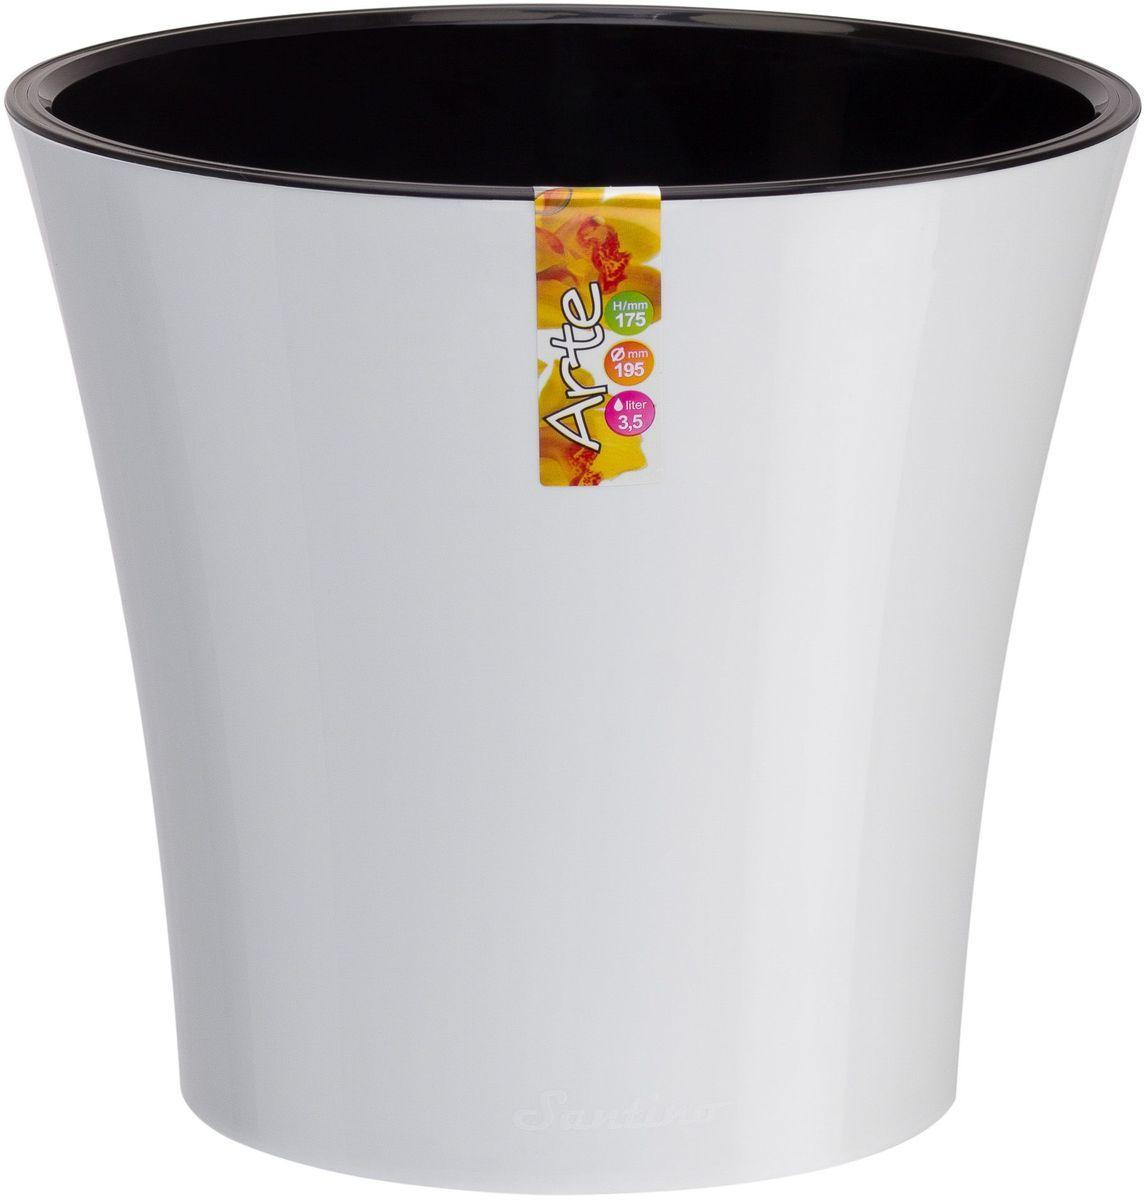 Горшок цветочный Santino Арте, двойной, с системой автополива, цвет: белый, черный, 5 лАРТ 5 Б-ЧСистем автополива - гарантия здоровья ваших цветов. Экономия времени - решение для самых занятых. Чистота и удобство - нет протекания воды при поливе. Здоровые корини - нет застаивания корней в воде. Оптимальный рост - корни обеспечены циркуляцией воздуха.